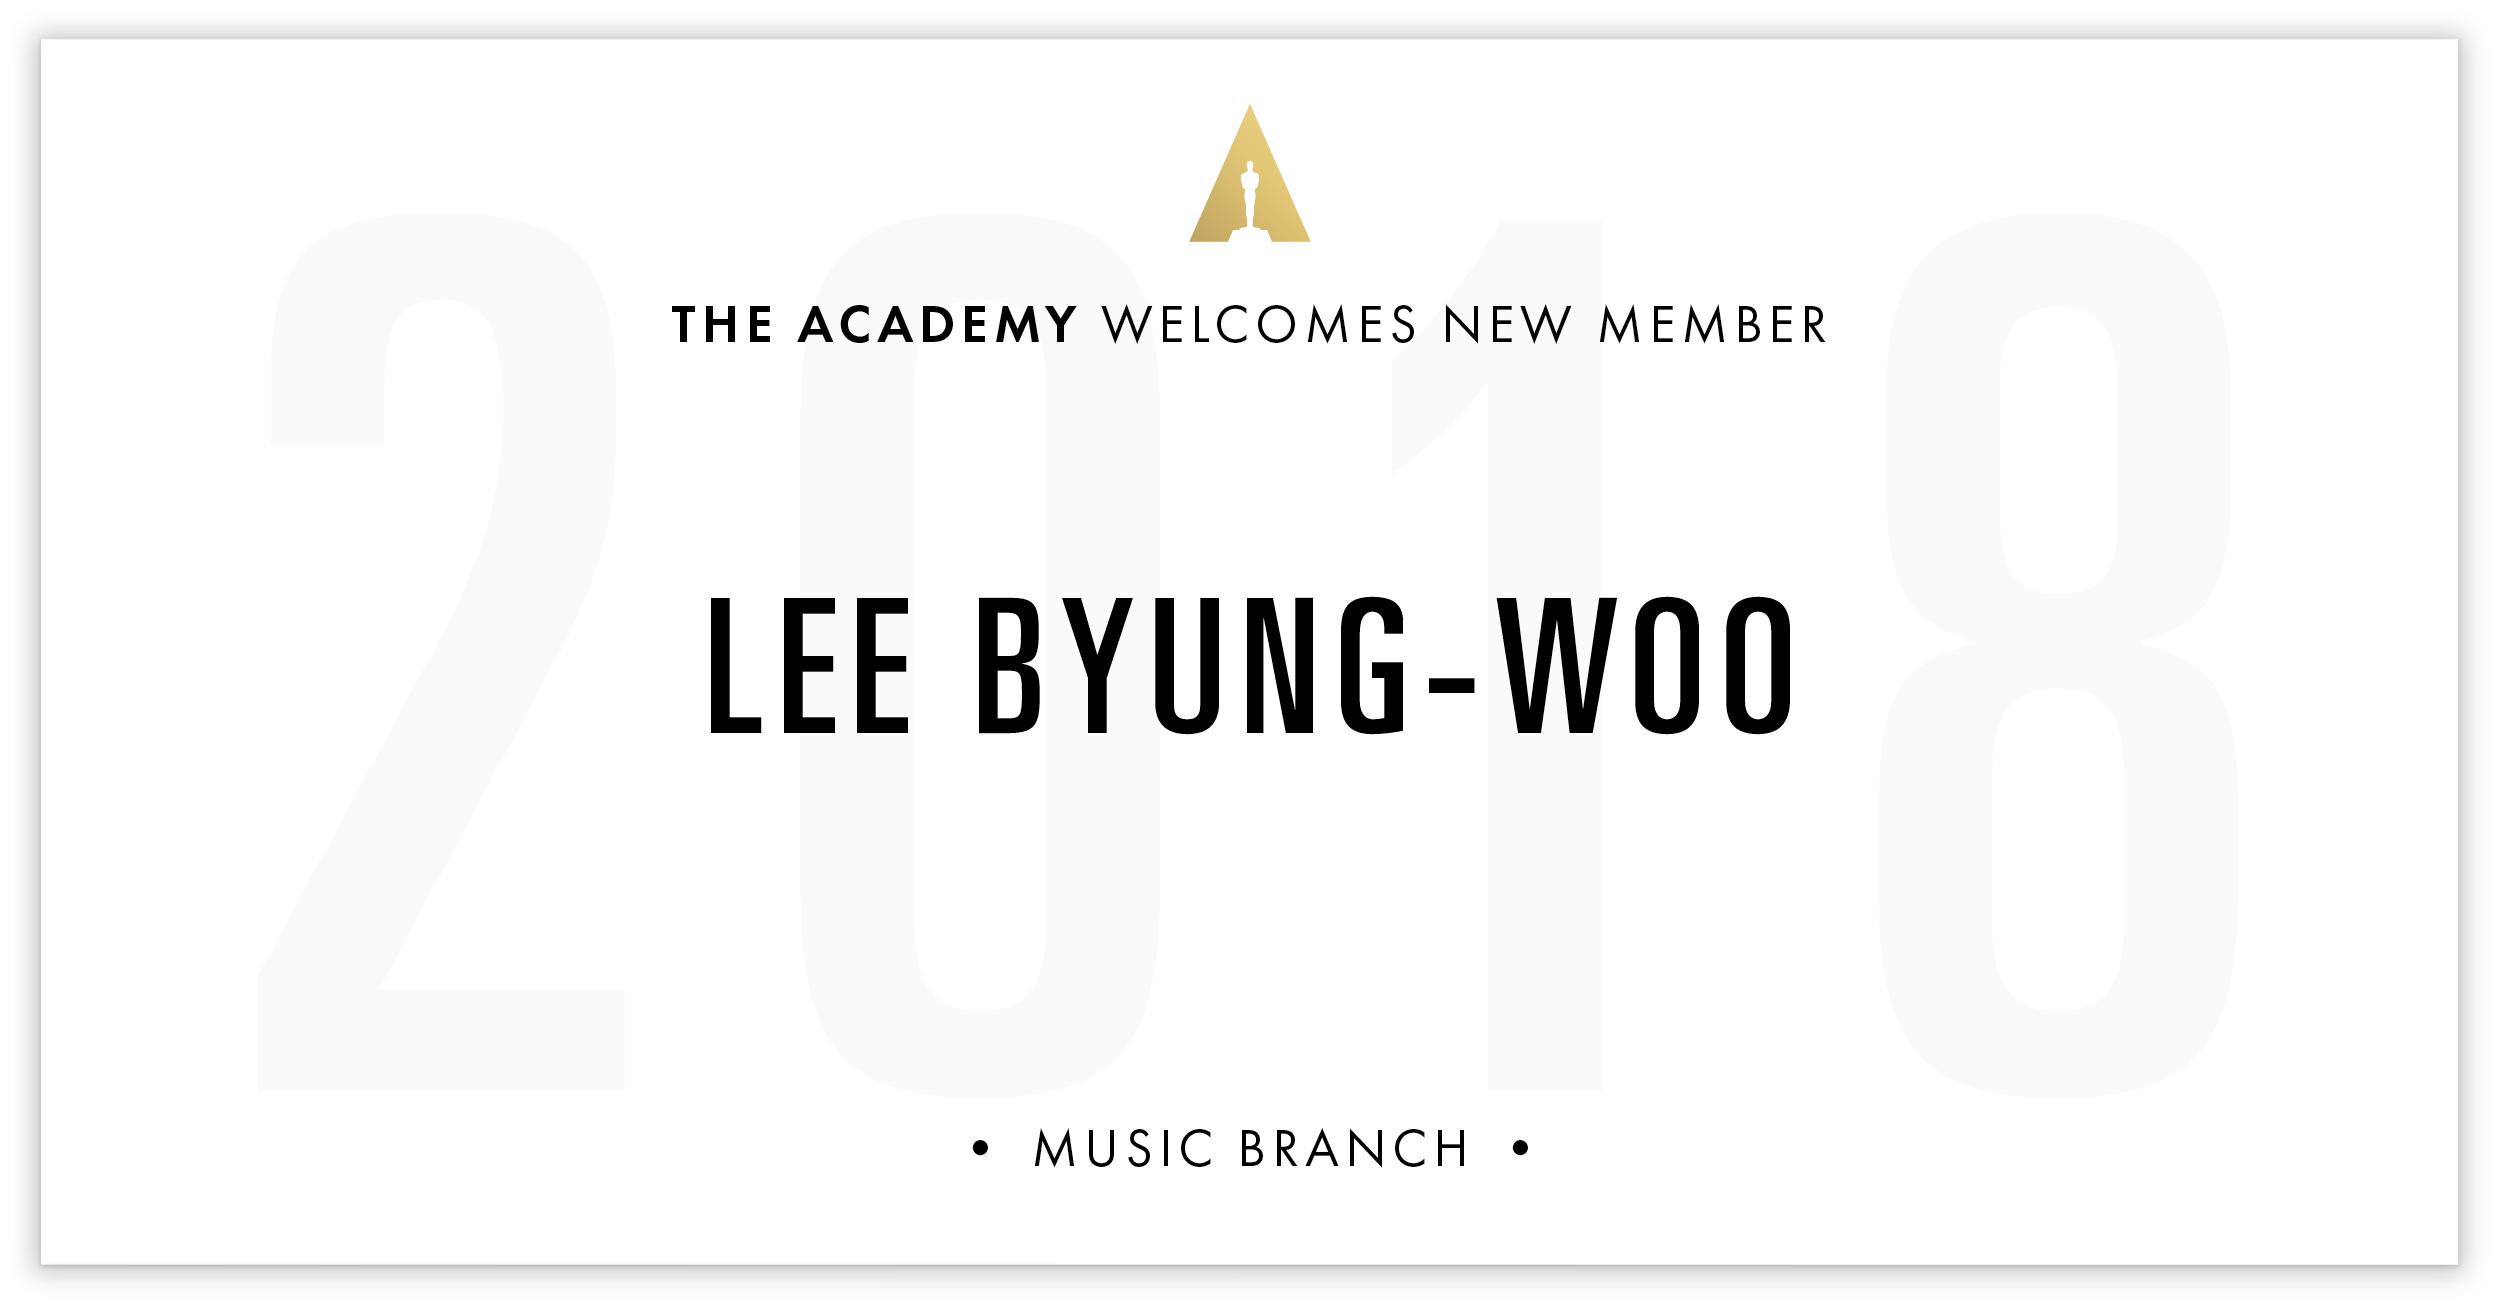 Lee Byung-woo is invited!